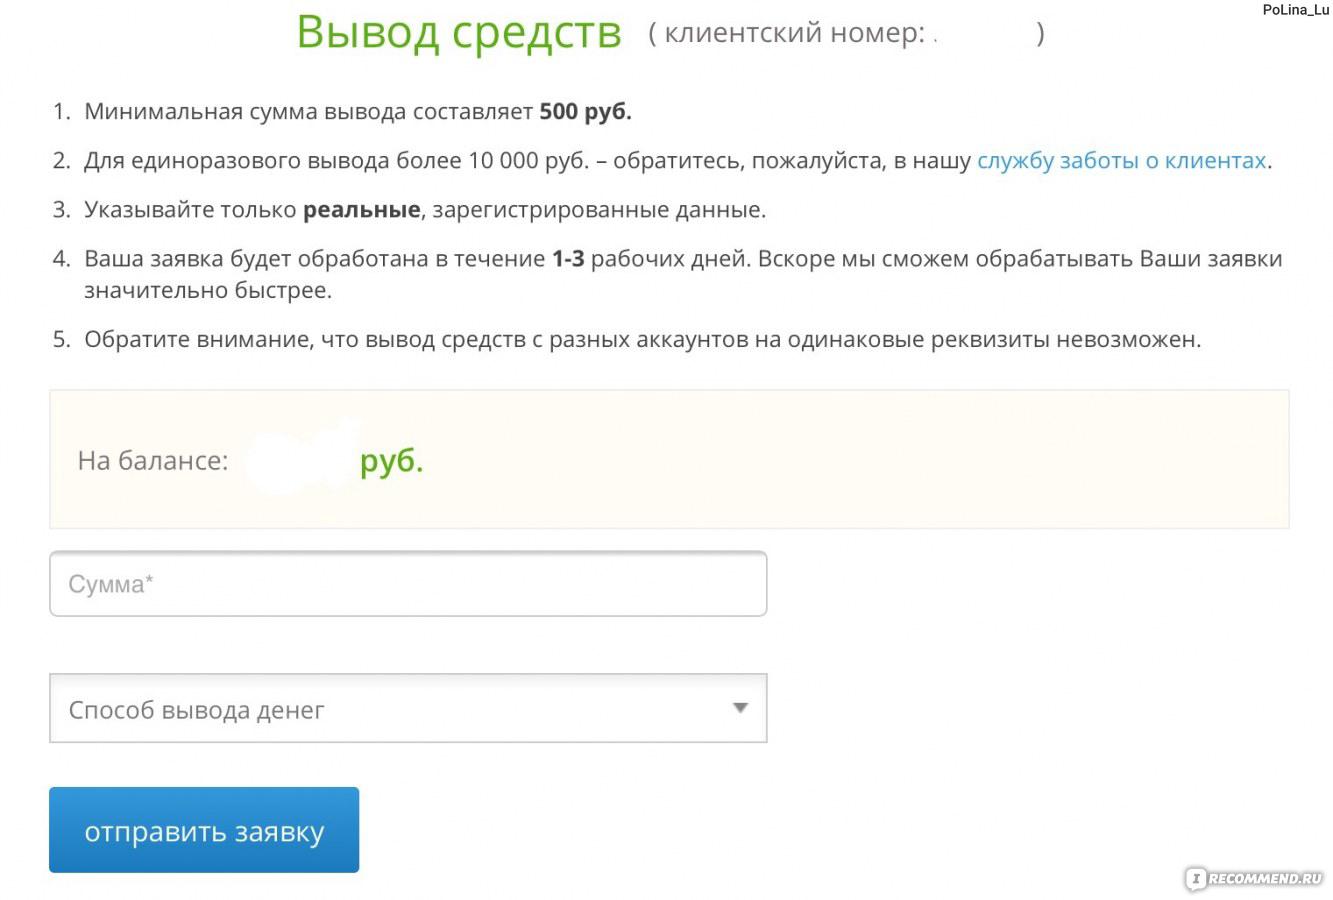 Letyshops служба заботы договор о возврате денег образец